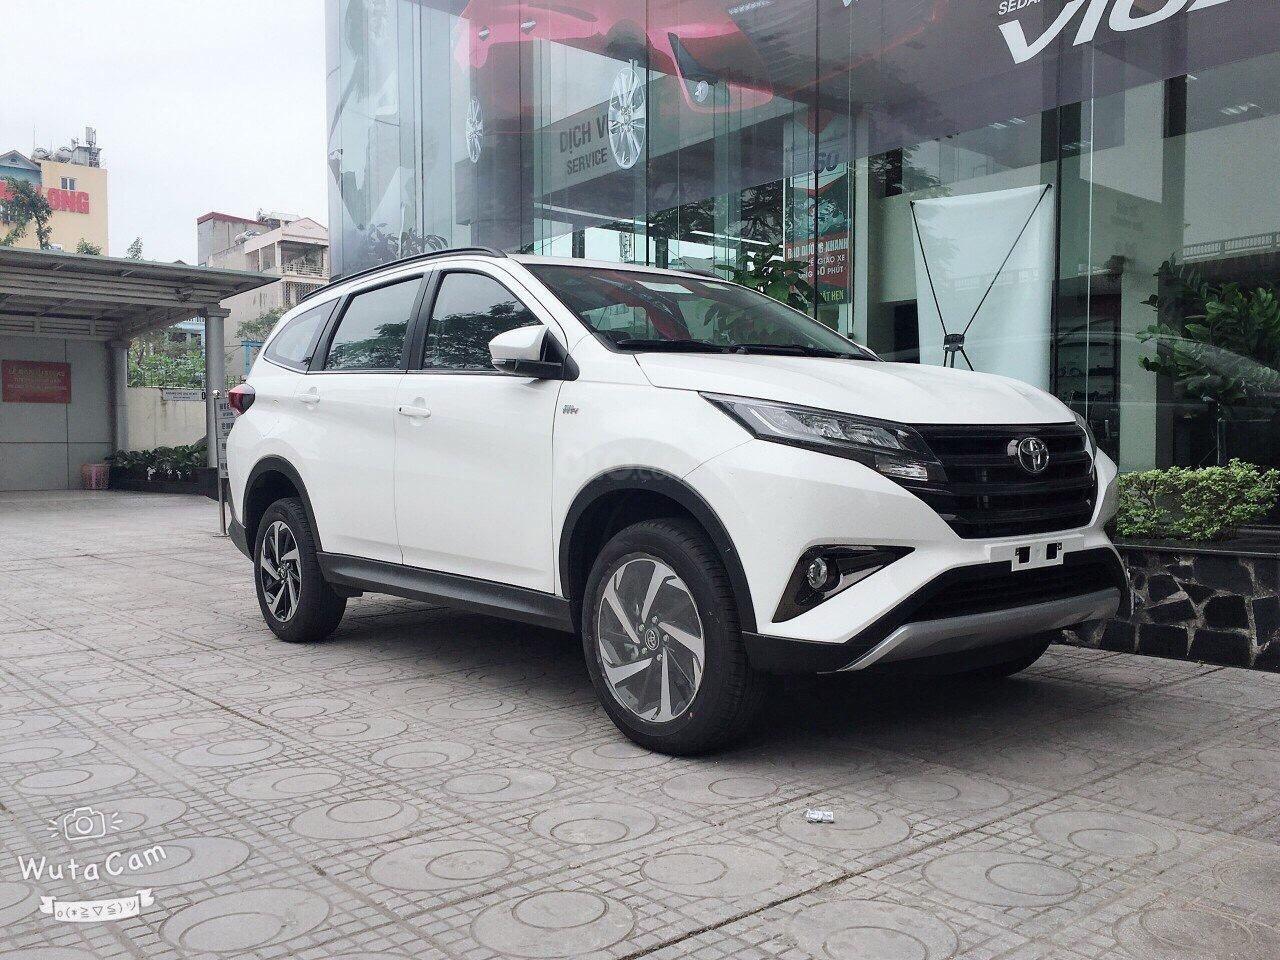 Toyota Giải Phóng - CN Pháp Vân (7)